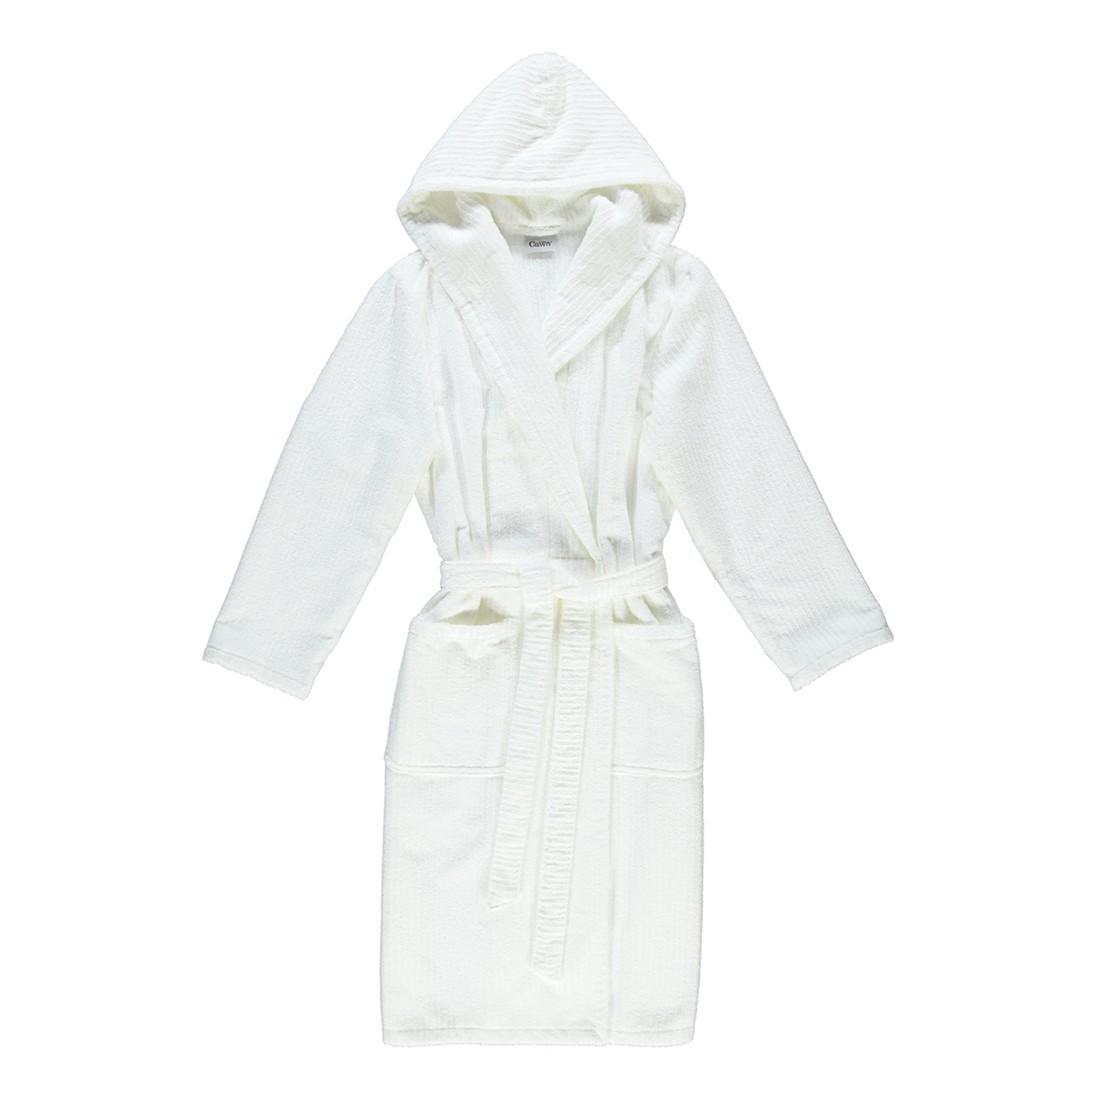 Bademantel Contour 1633 – Herren – 100% Baumwolle Weiß – 600 – Größe: XL, Cawö günstig online kaufen